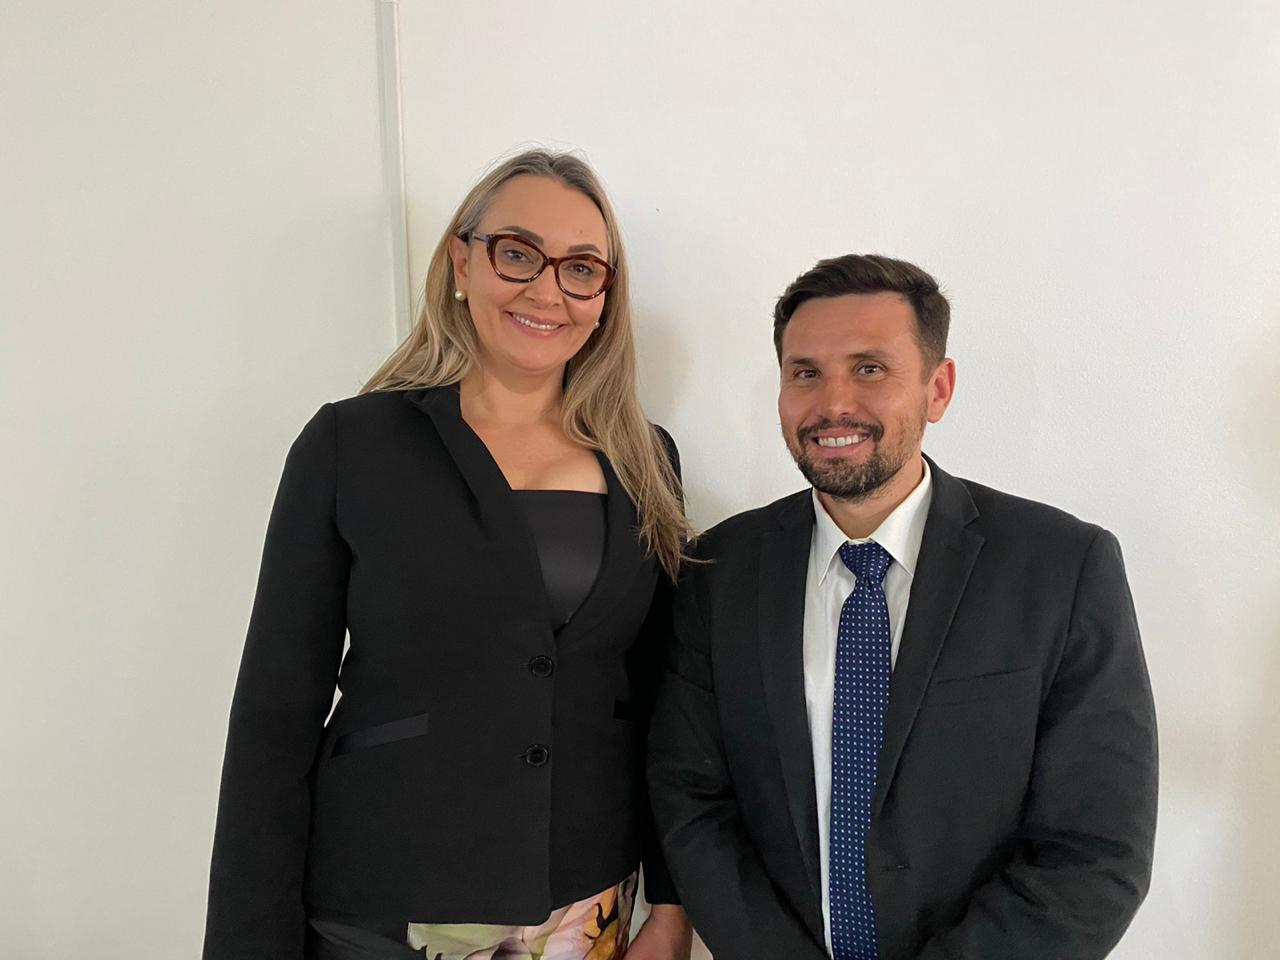 Delegado Márcio Neves é recebido pela vice-governadora de Santa Catarina